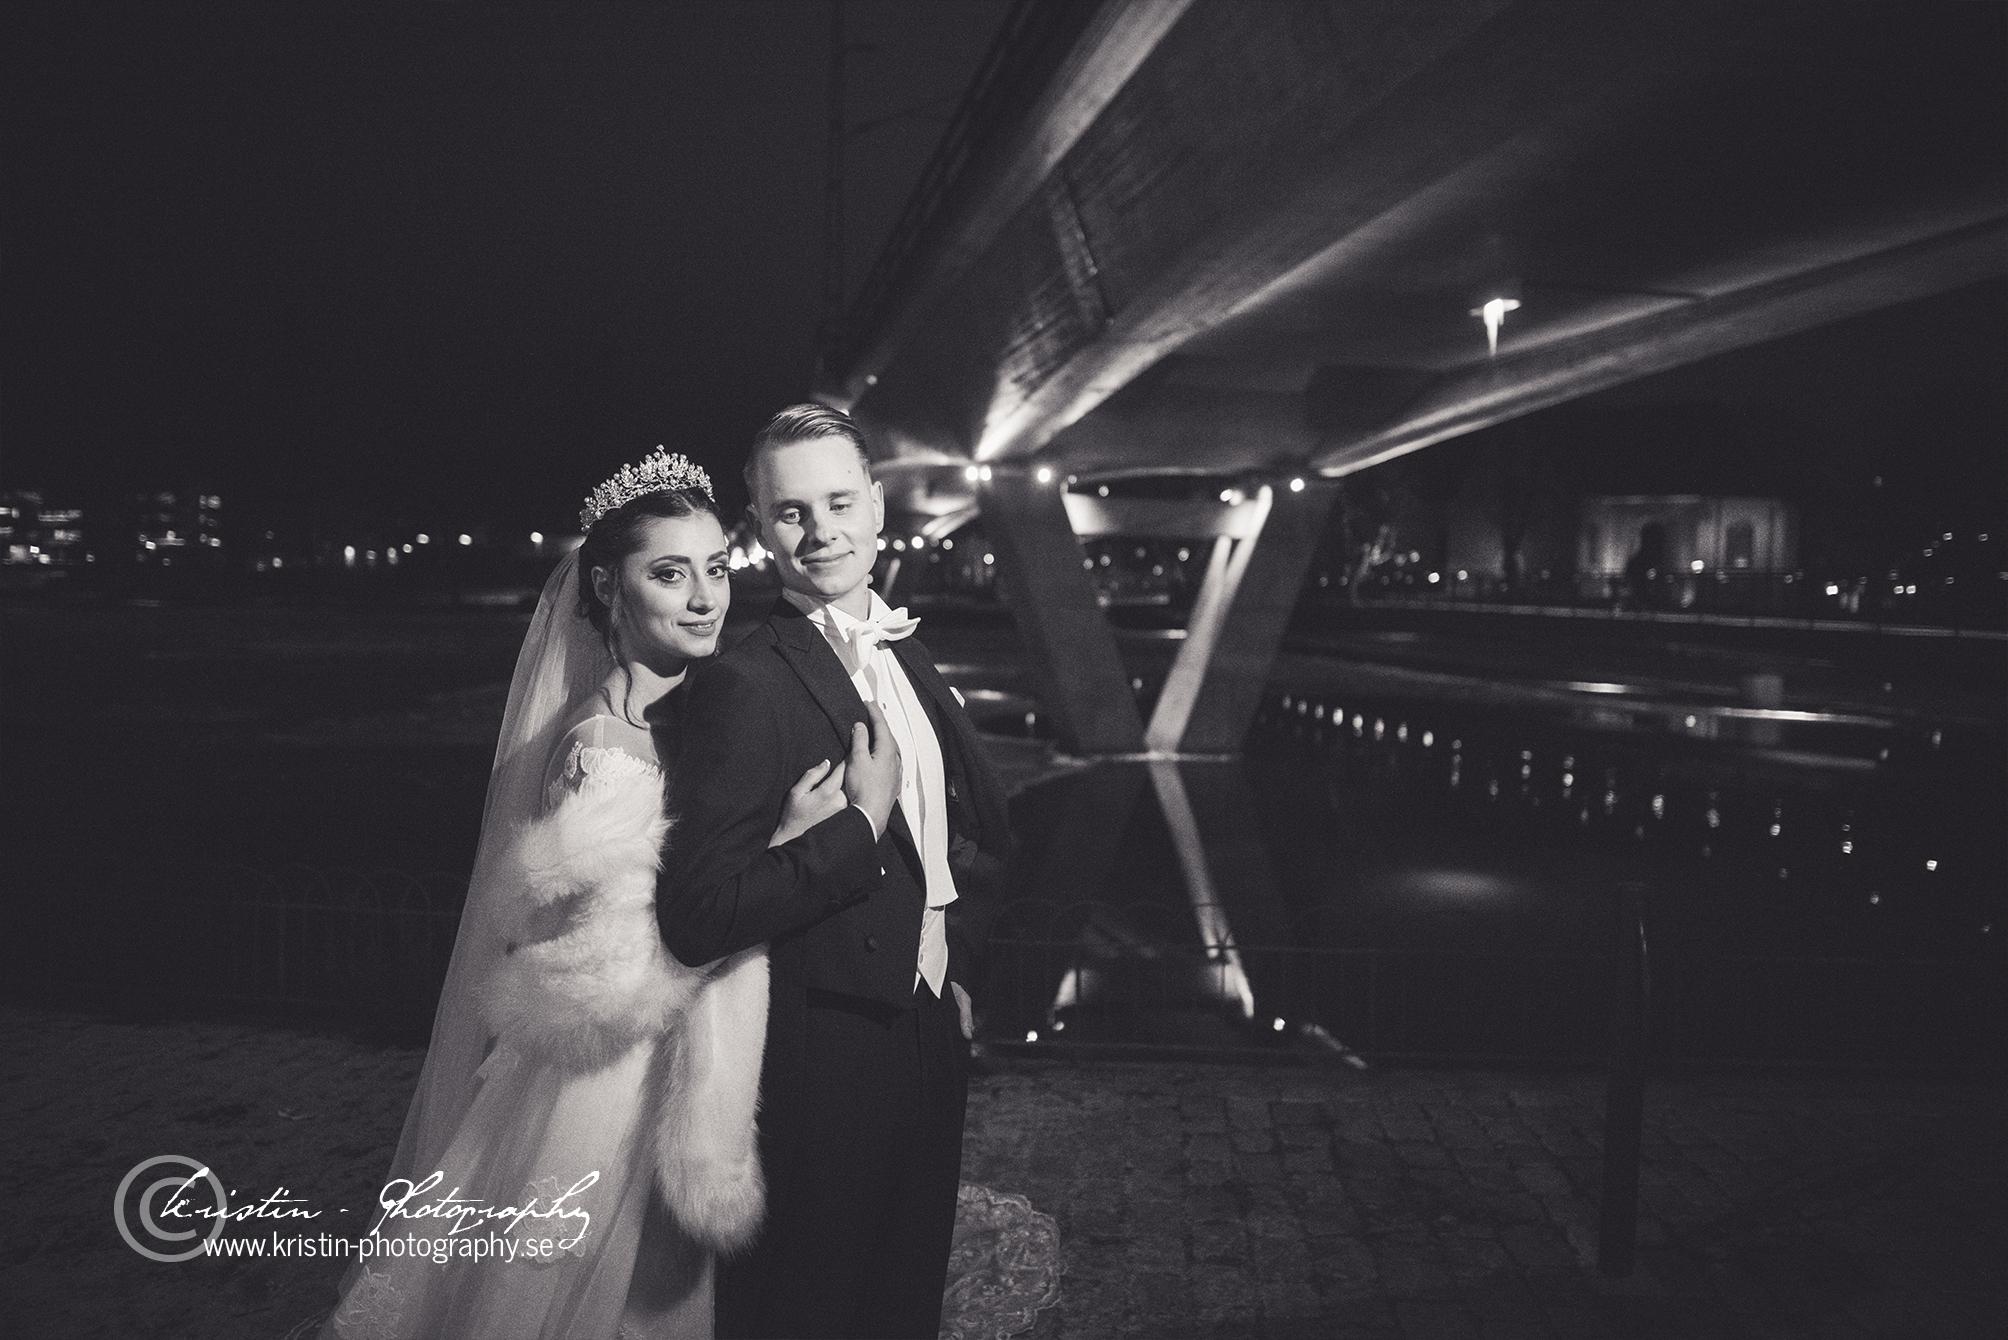 Bröllopsfotograf i Eskilstuna, Kristin - Photography, weddingphotographer -9ca.jpg